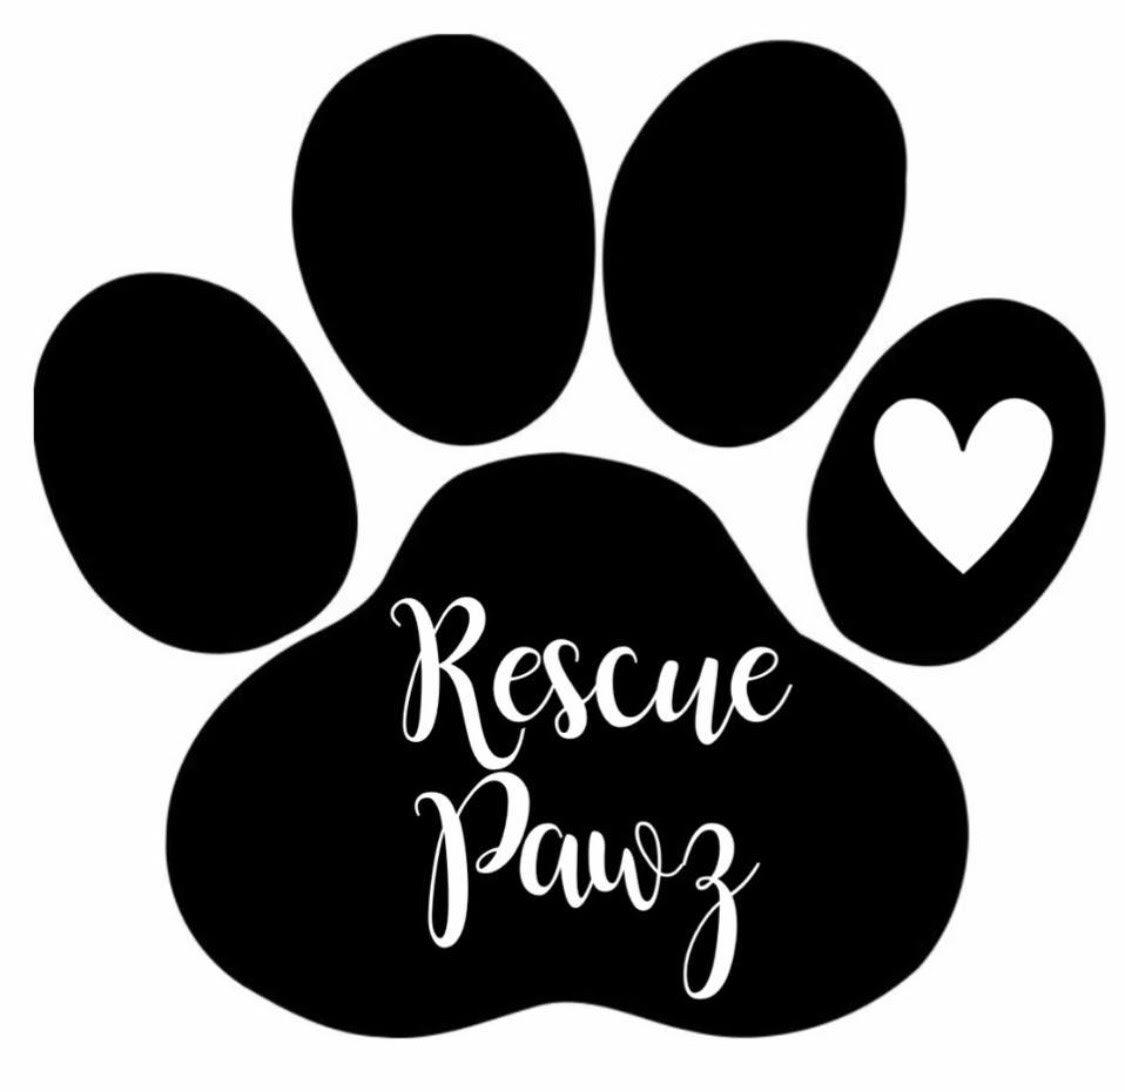 Rescue Pawz SD